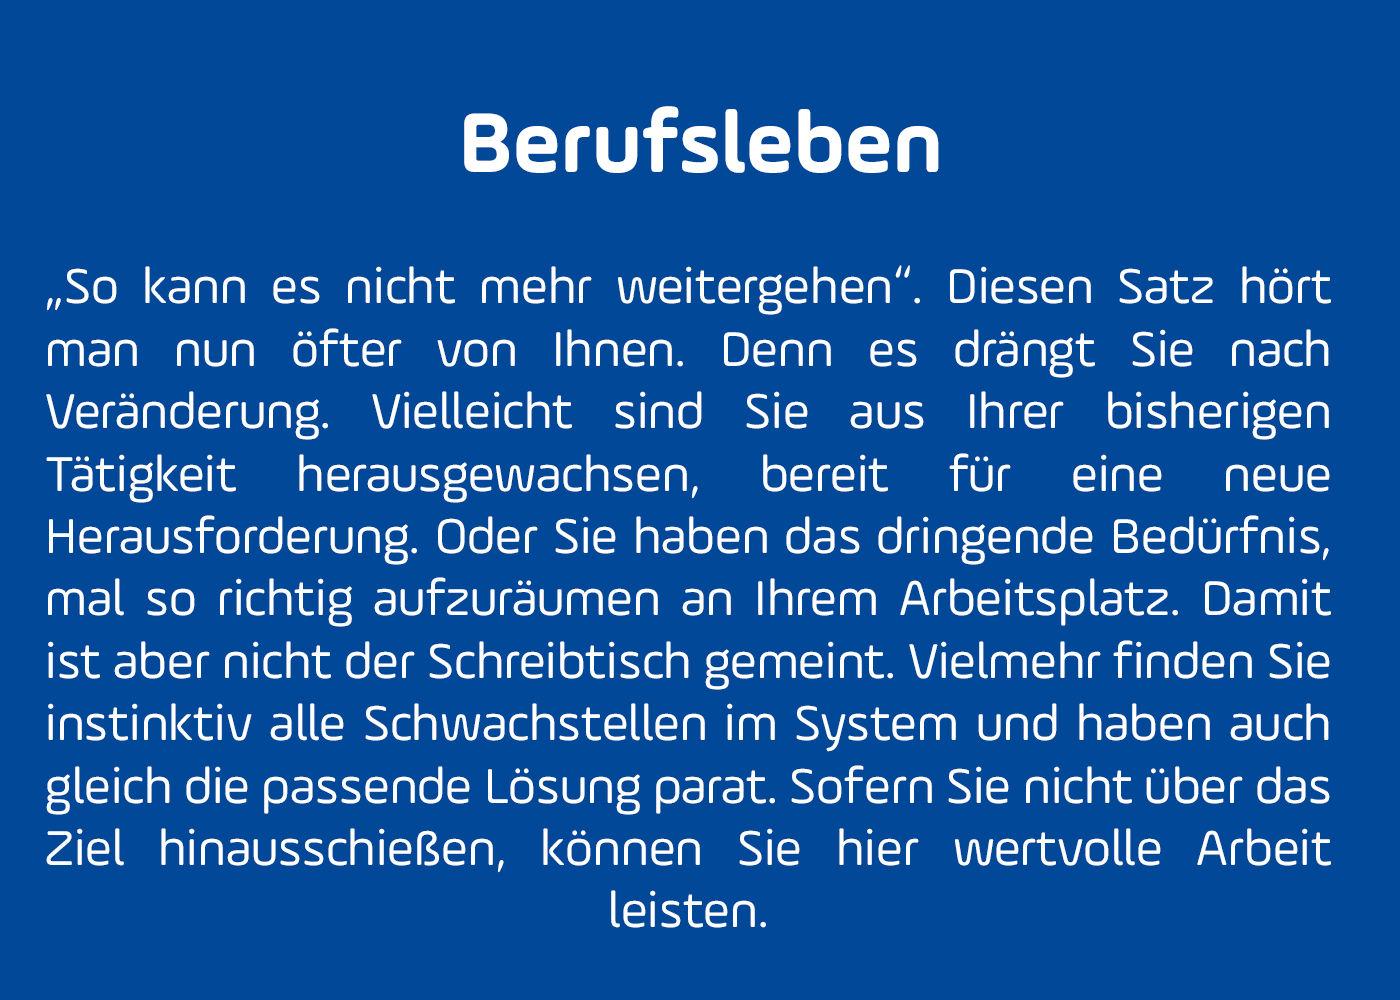 Jahreshoroskop 2019 Schütze Antenne Bayern